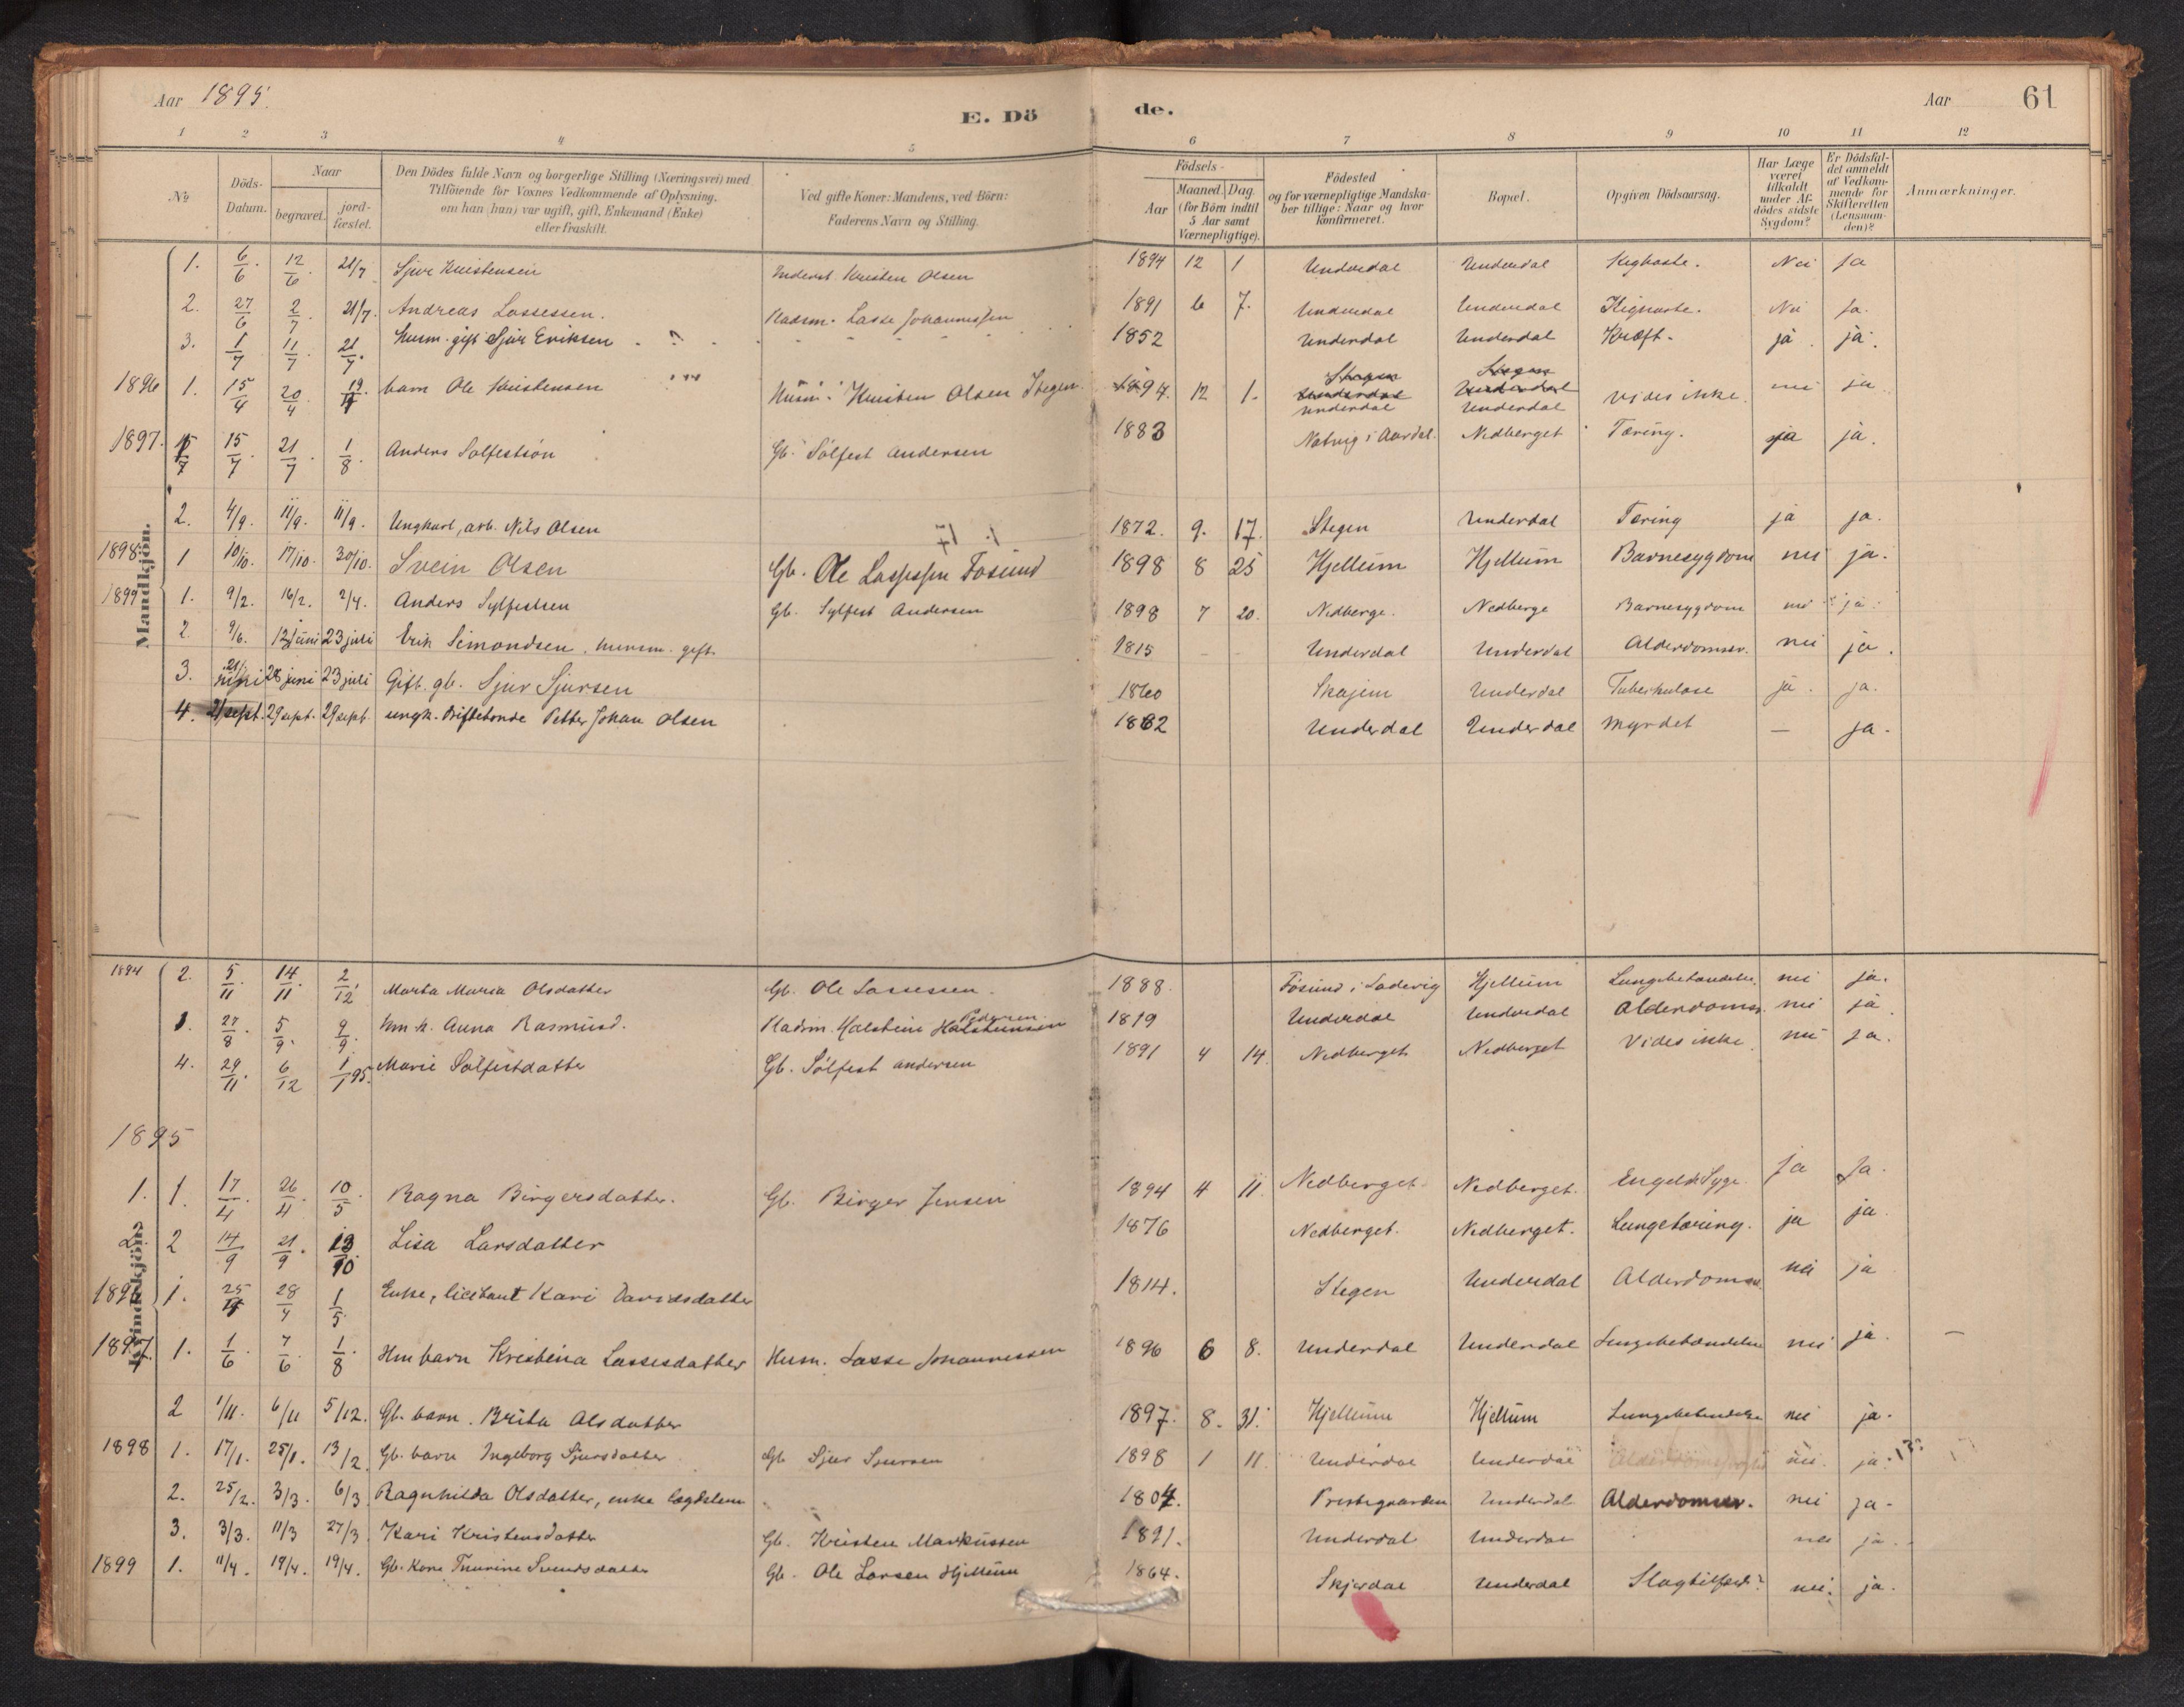 SAB, Aurland Sokneprestembete*, Ministerialbok nr. E 1, 1880-1907, s. 60b-61a